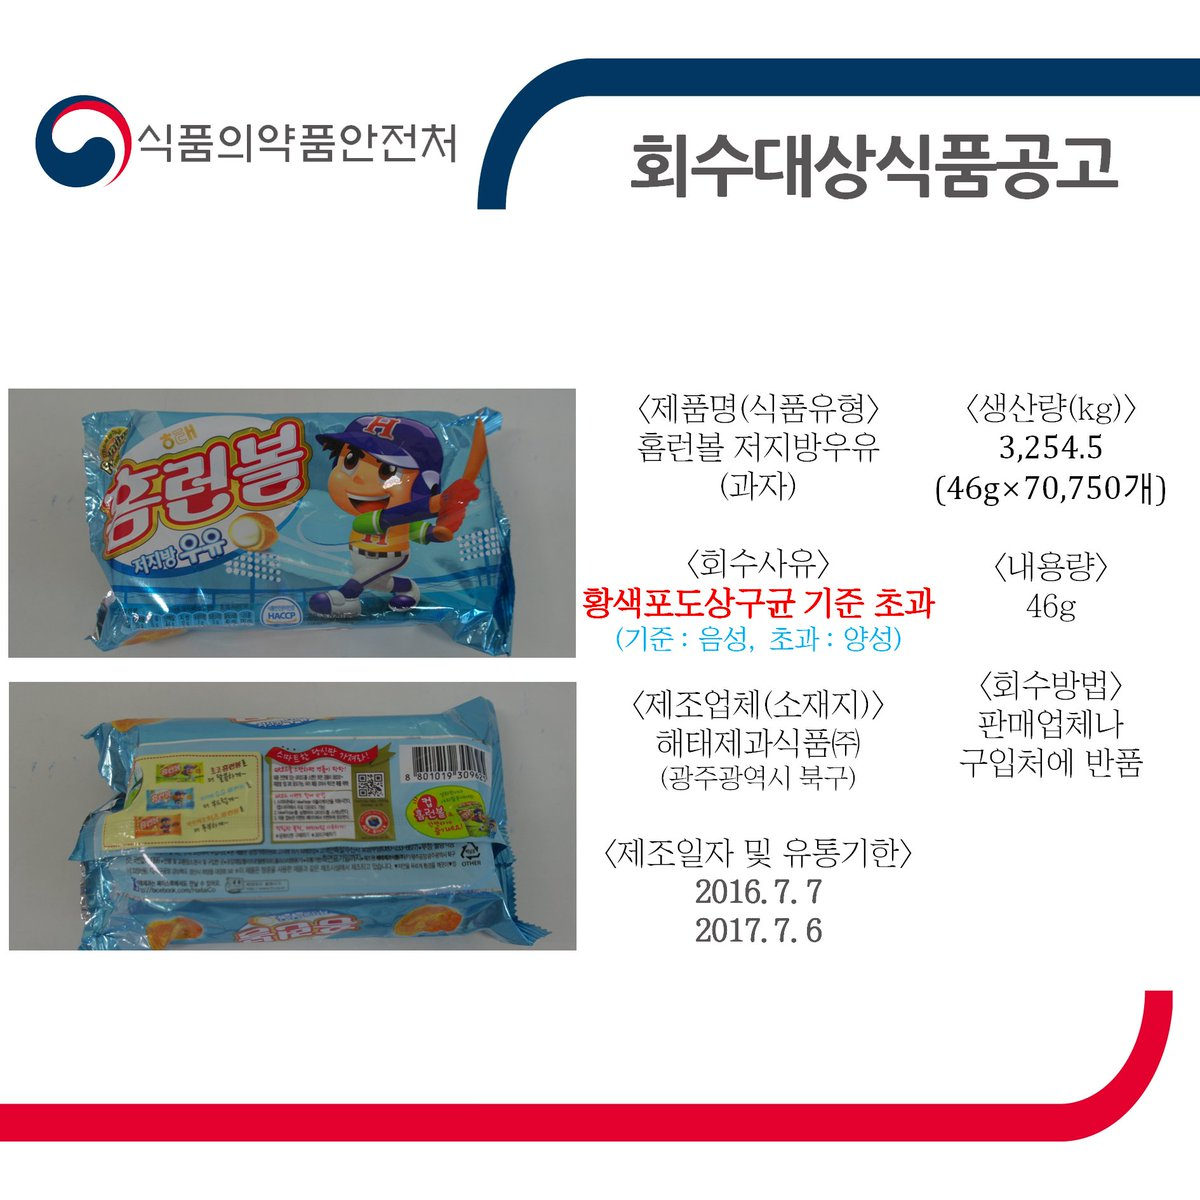 해태제과식품에서 제조·유통한 홈런볼 저지방우유에서 식중독균인 '황색포도상구균'이 초과 검출돼 판매중단 및 회수 조치합니다. 유통기한 및 제조일자를 확인하시어 가까운 판매점이나 구입업체에 반품해 주세요! https://t.co/n0ySOhA44C